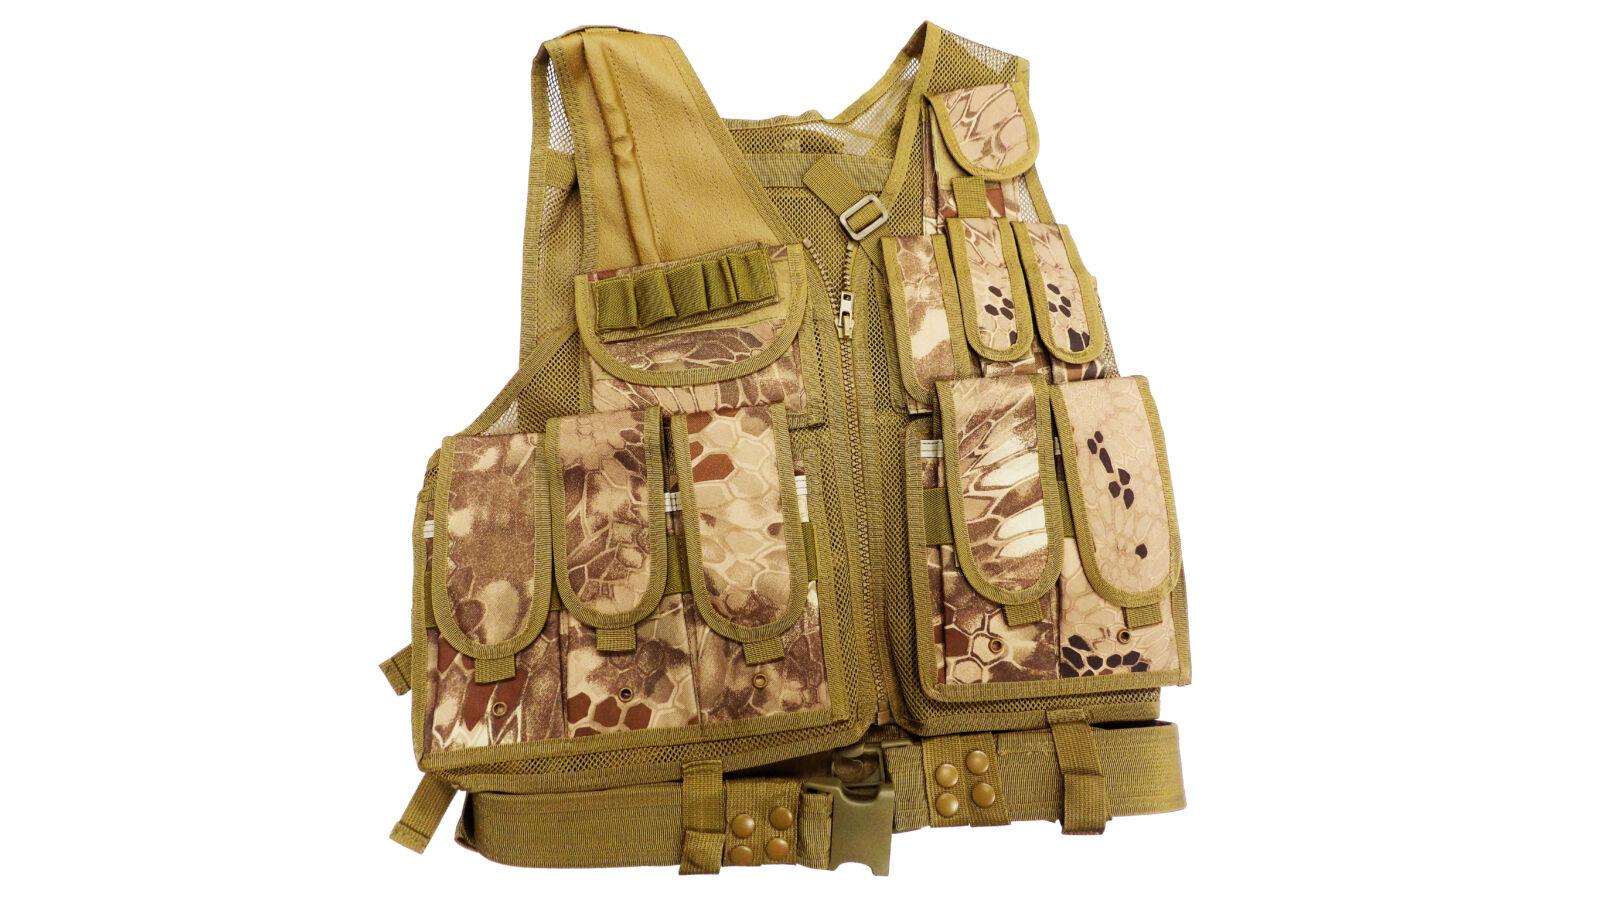 SWAT Taktikai Mellény - BANSHEE (VT045) - Taktikai Mellény - Airsoft ... 7ad04134f0